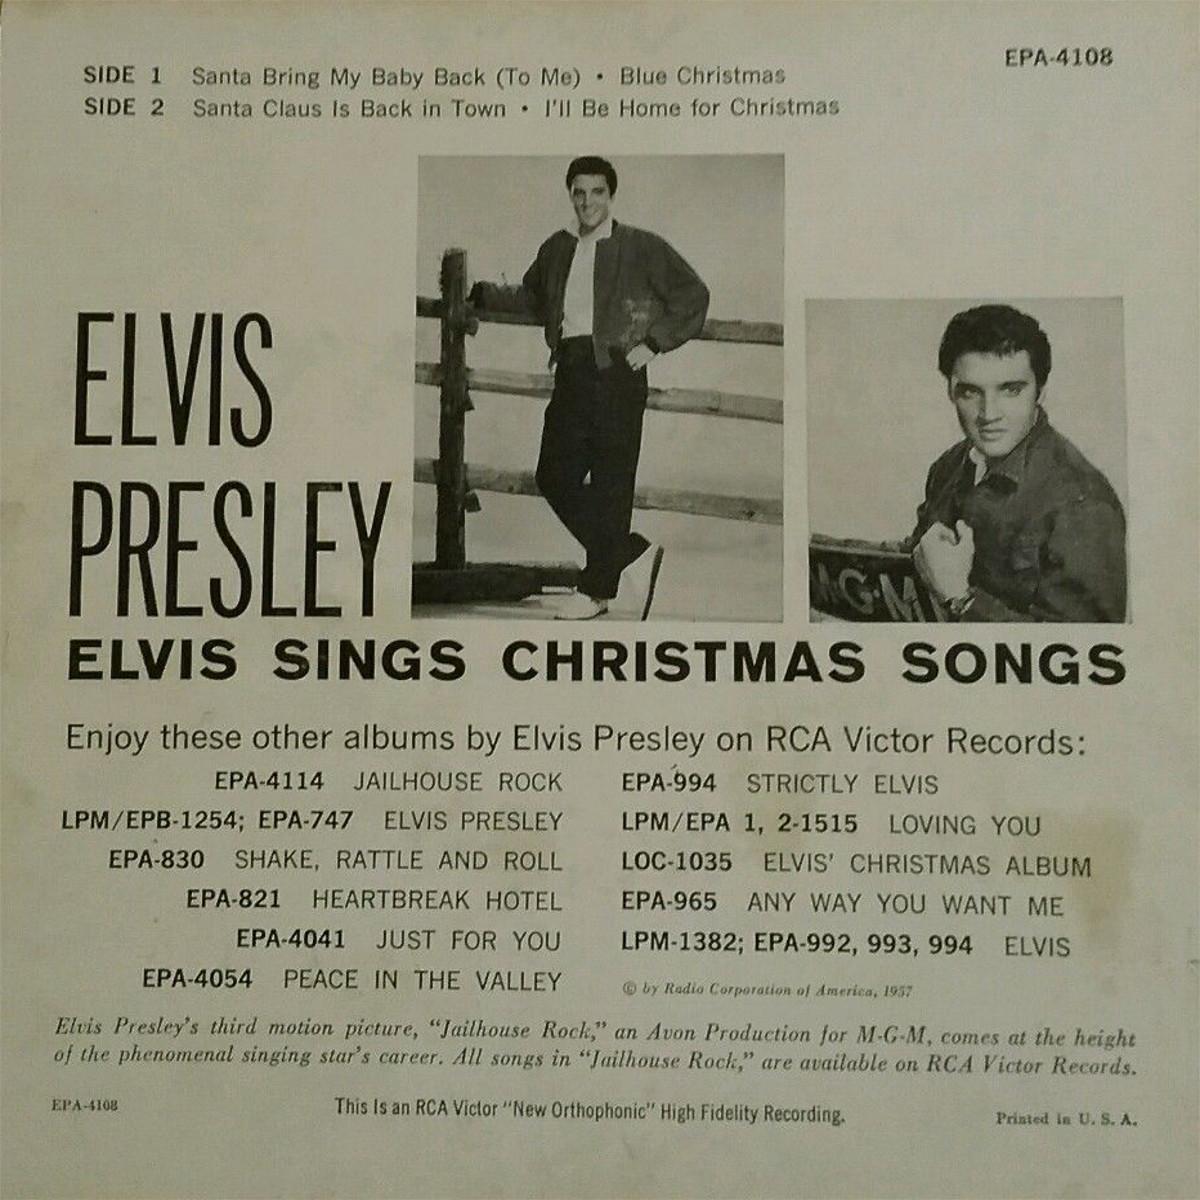 ELVIS SINGS CHRISTMAS SONGS 1445iycq